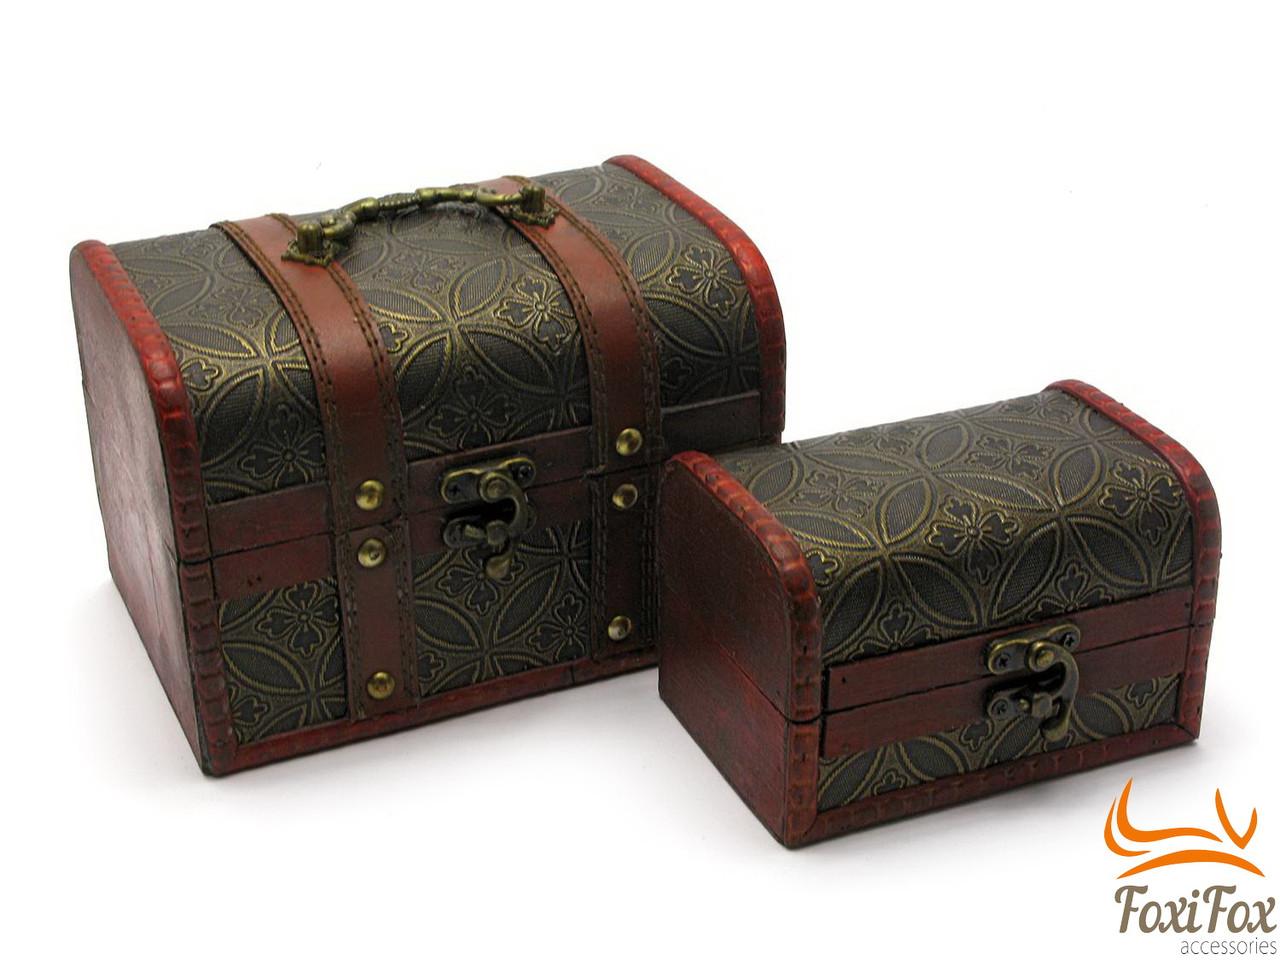 Набор пиратских сундуков из дерева - FOXI-FOX.COM онлайн маркет подарков в Харькове